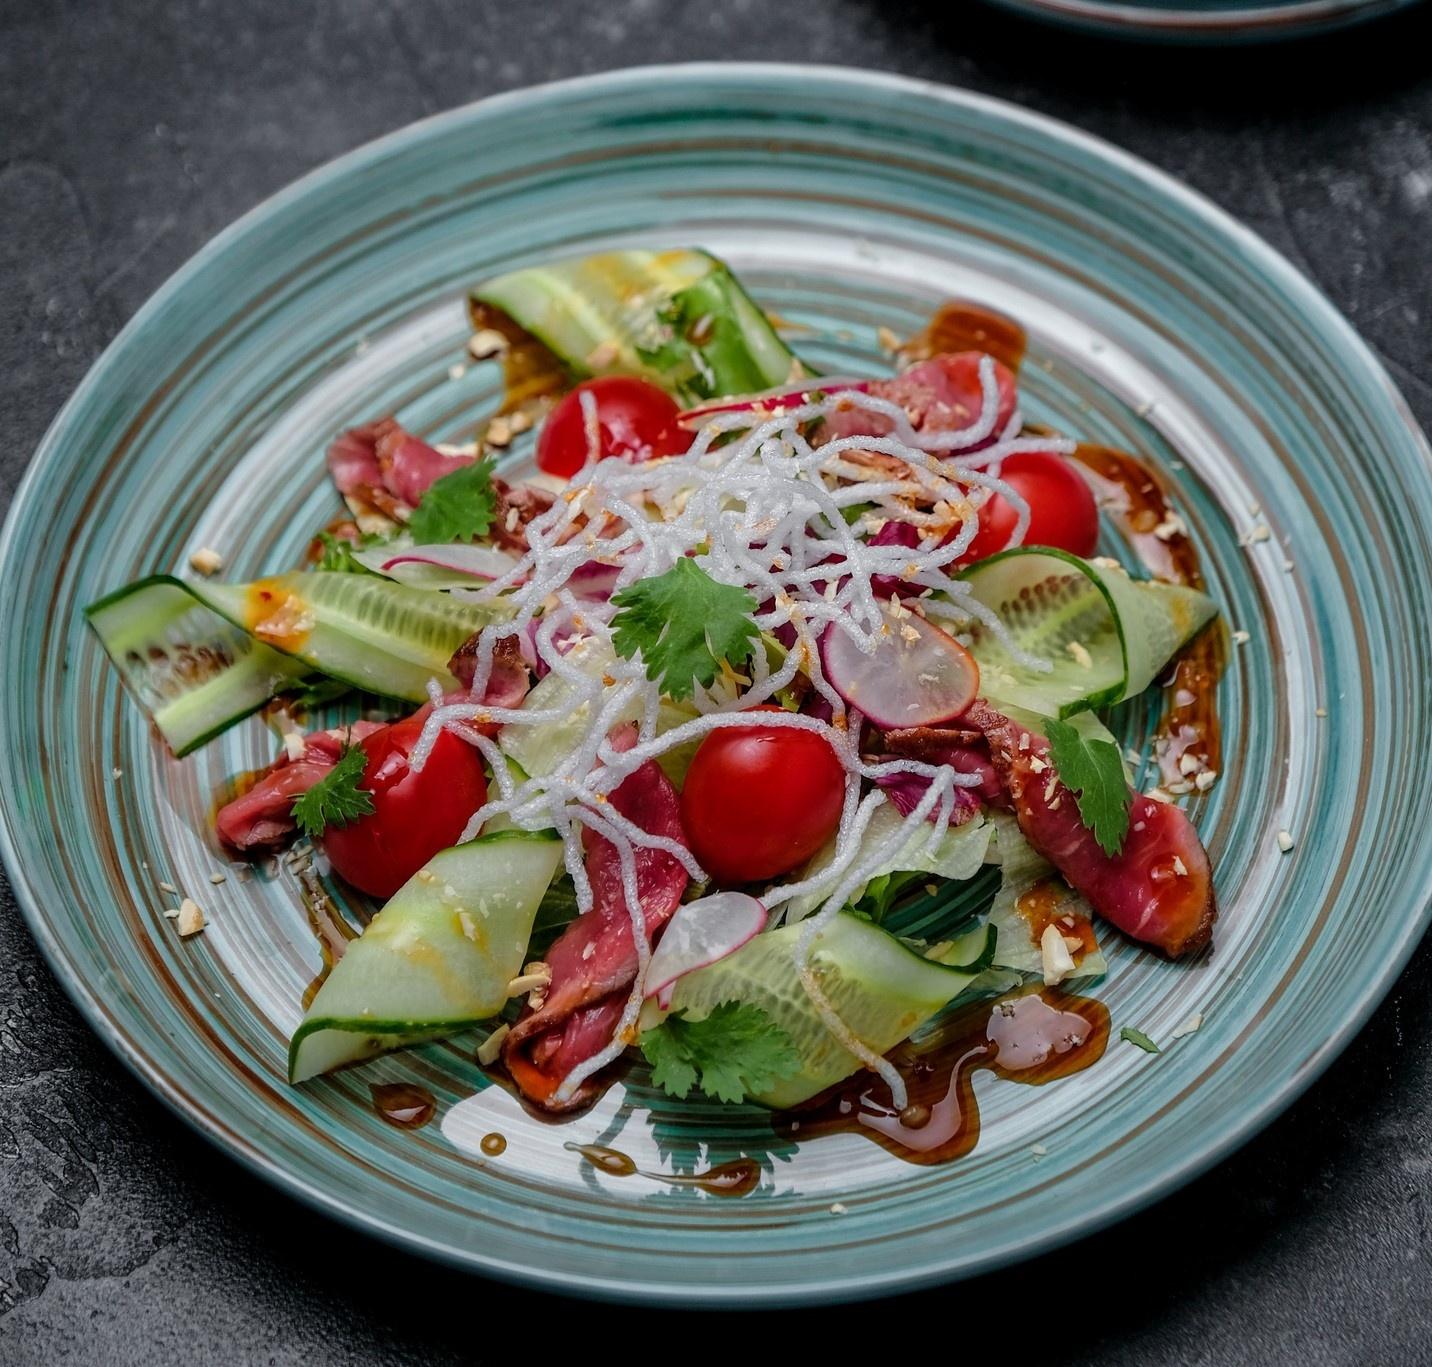 Девушки оценят разнообразие легких, но сытных салатов